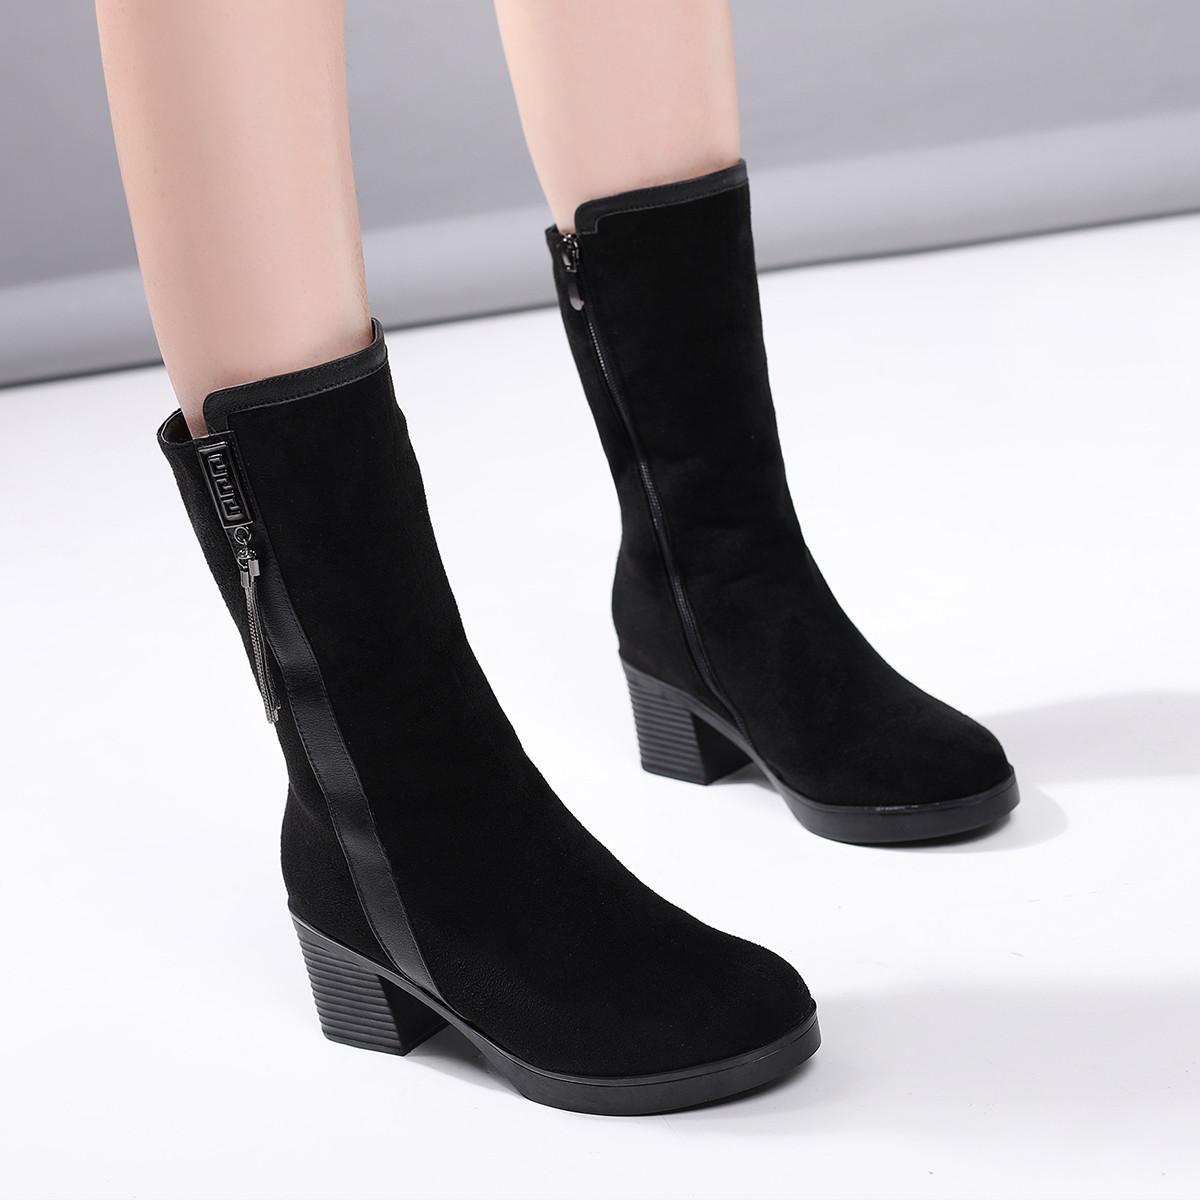 四季风【羊毛靴子】19冬季新款保暖粗跟厚底女士骑士靴子女靴中筒棉靴RIS304-01MK01